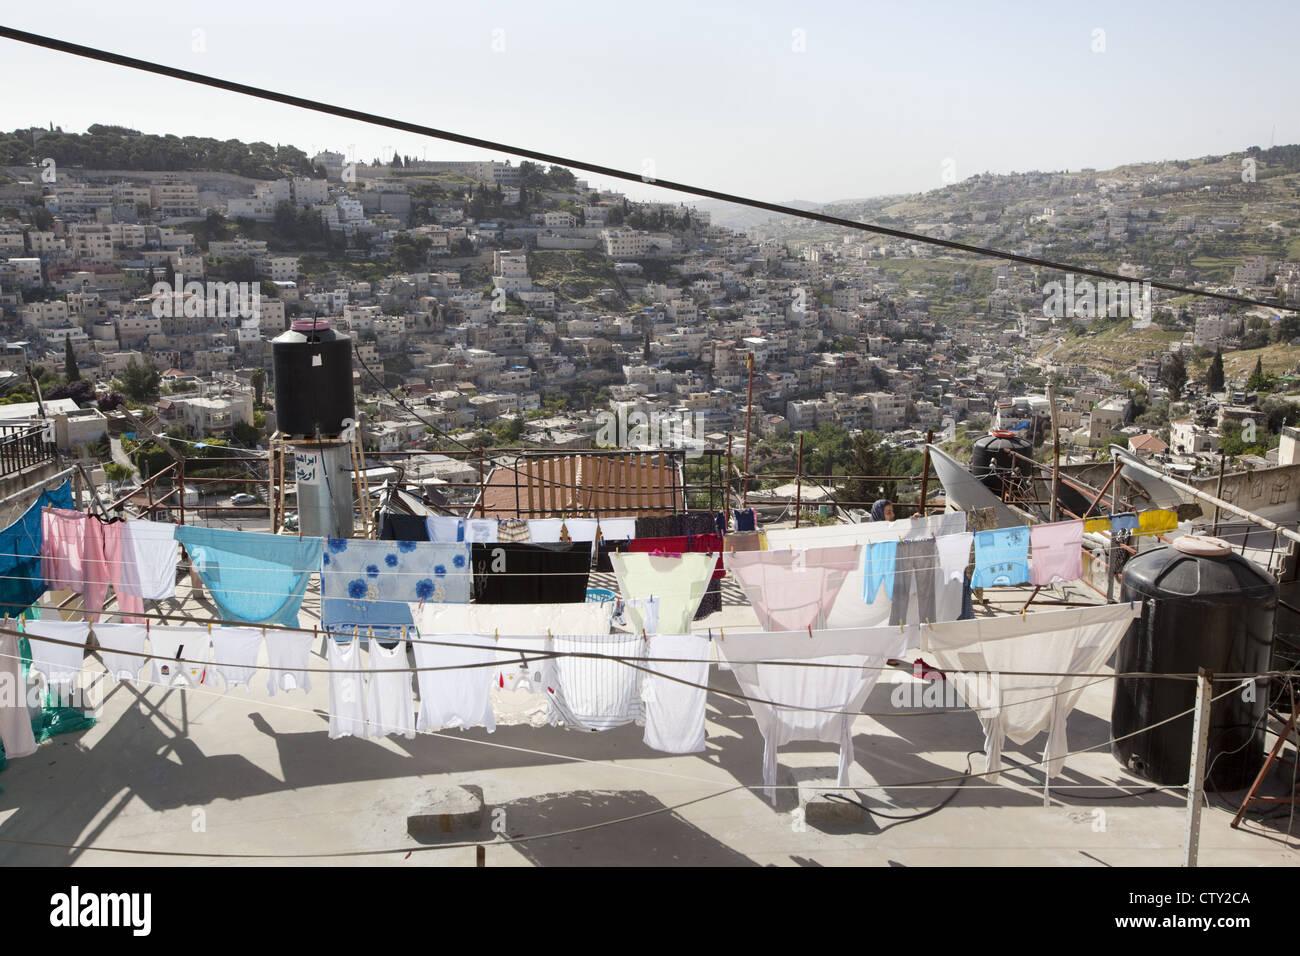 Les cordes à linge de blanchisserie et de séchage solaire noir chauffe-eau sur un toit à Jérusalem Photo Stock